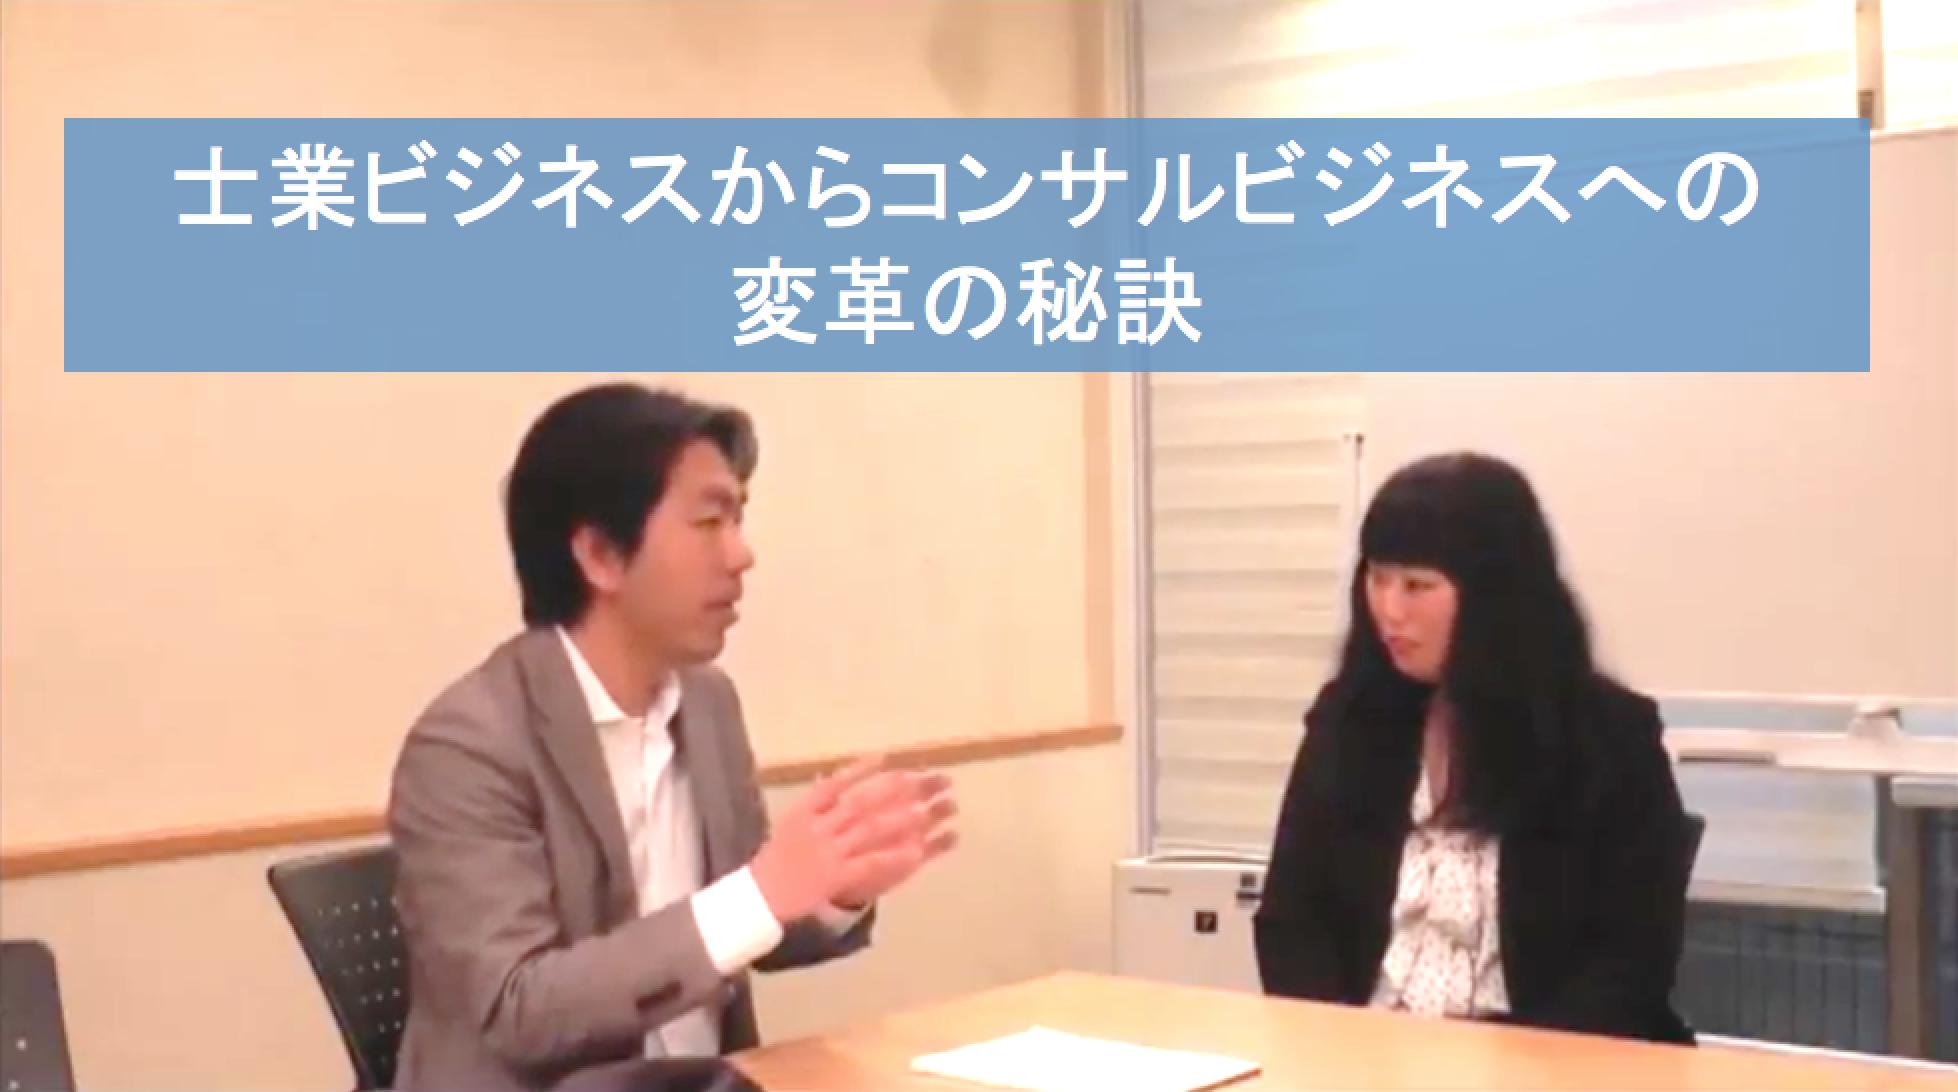 対談プロフェッショナル社会保険労務士コンサルタント伊藤剛志深澤英美士業